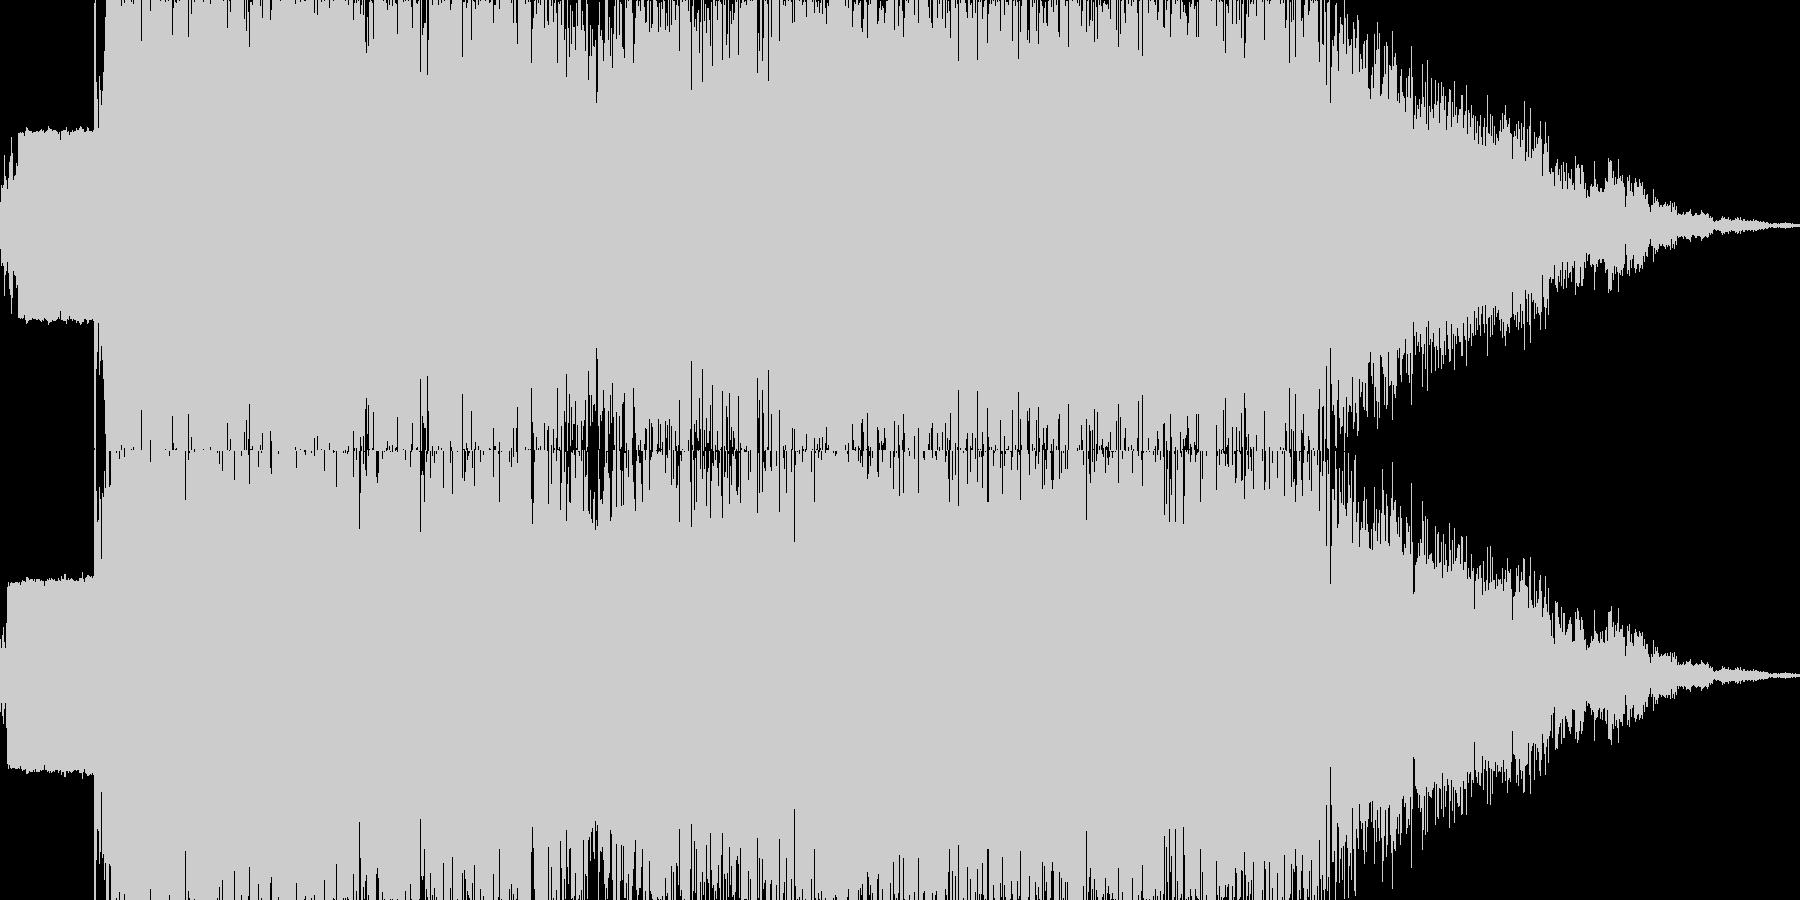 雷魔法(電撃のフィールドを展開)の未再生の波形